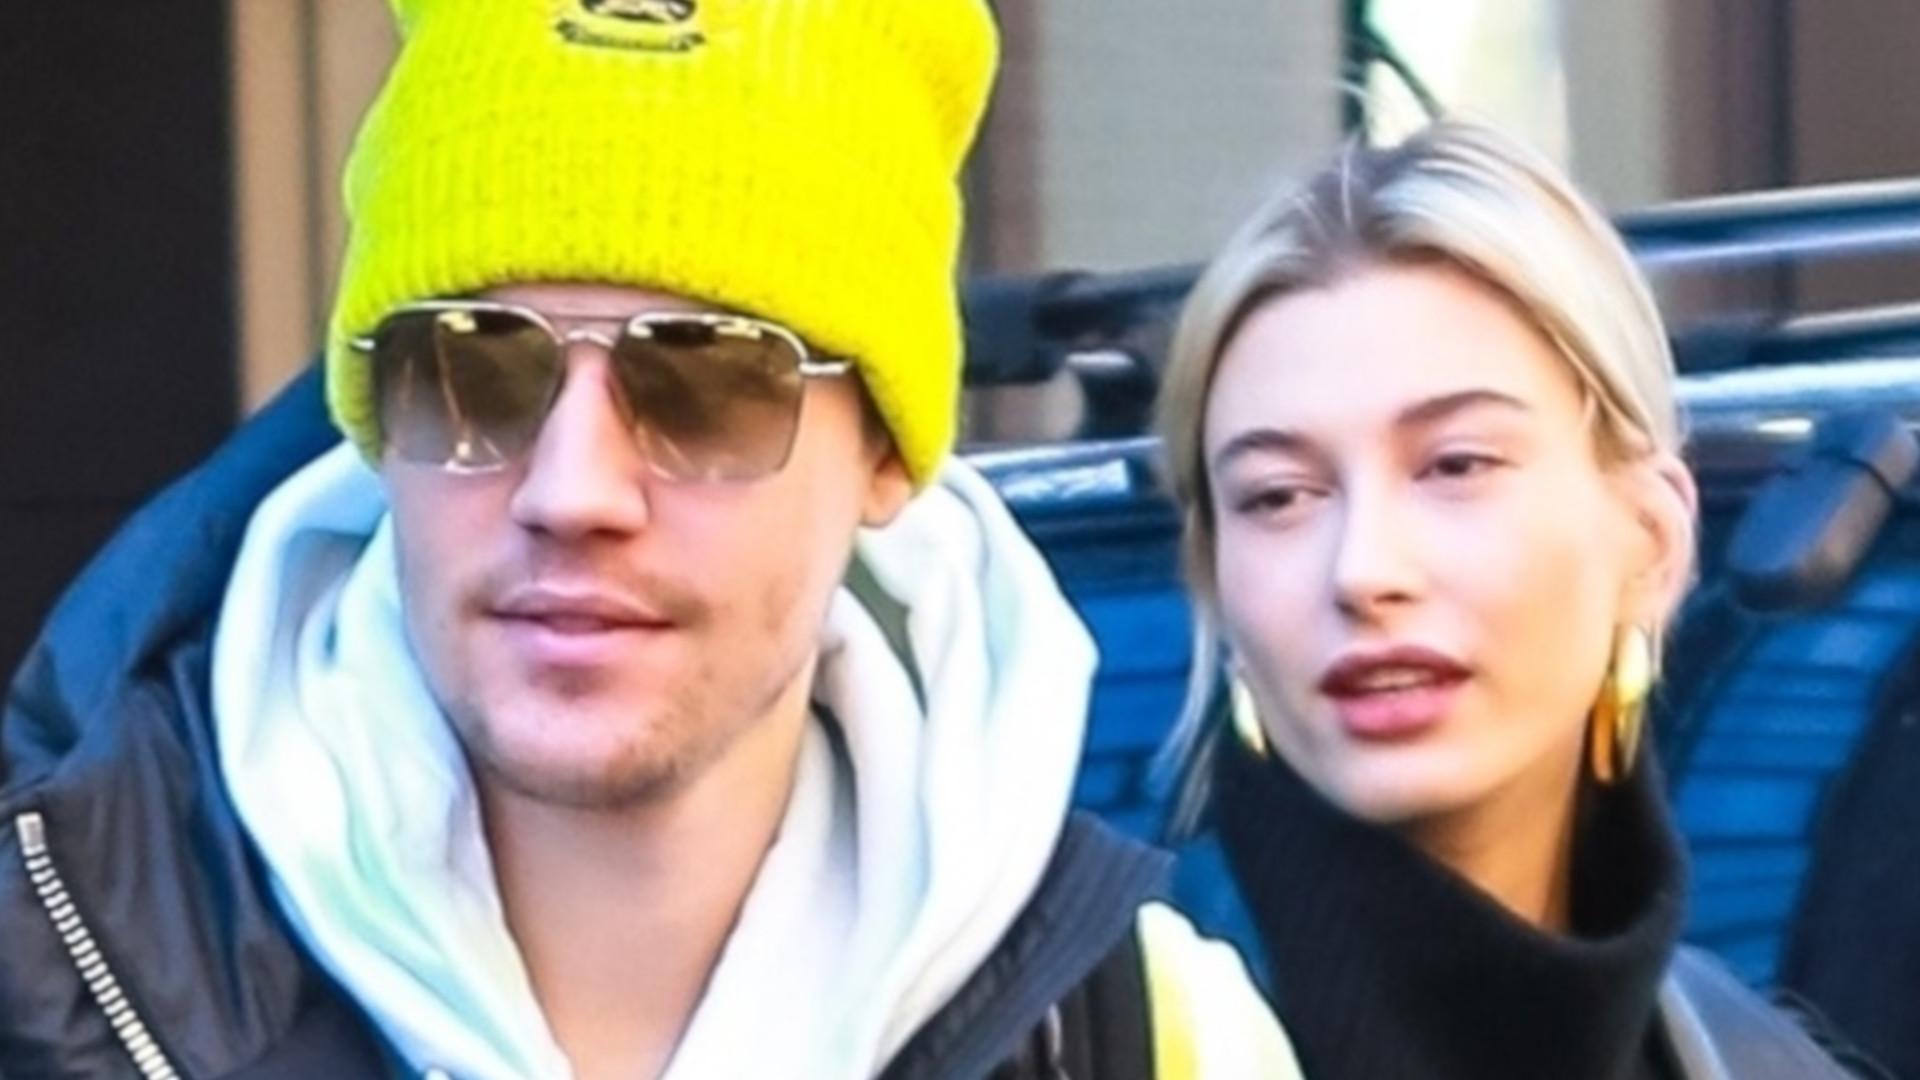 Justin Bieber nagrywał Hailey bez jej wiedzy. Opublikował to na Instagramie